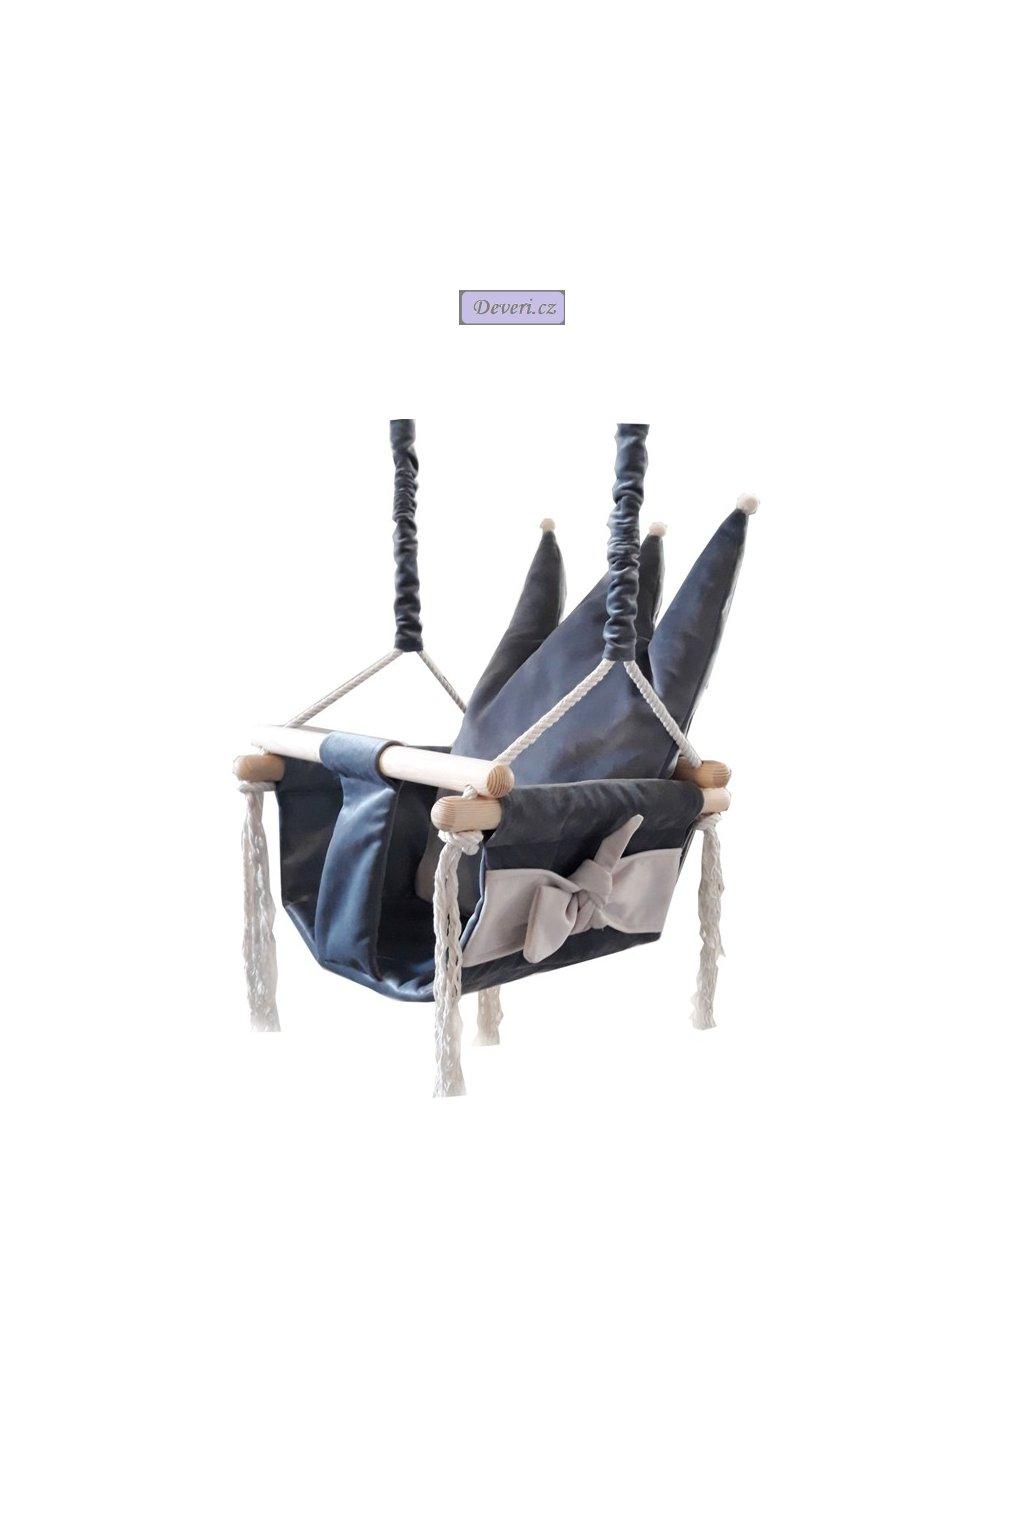 Luxusní tmavě šedá plyšová houpačka Queen pro děti do 25kg 36x36x23cm